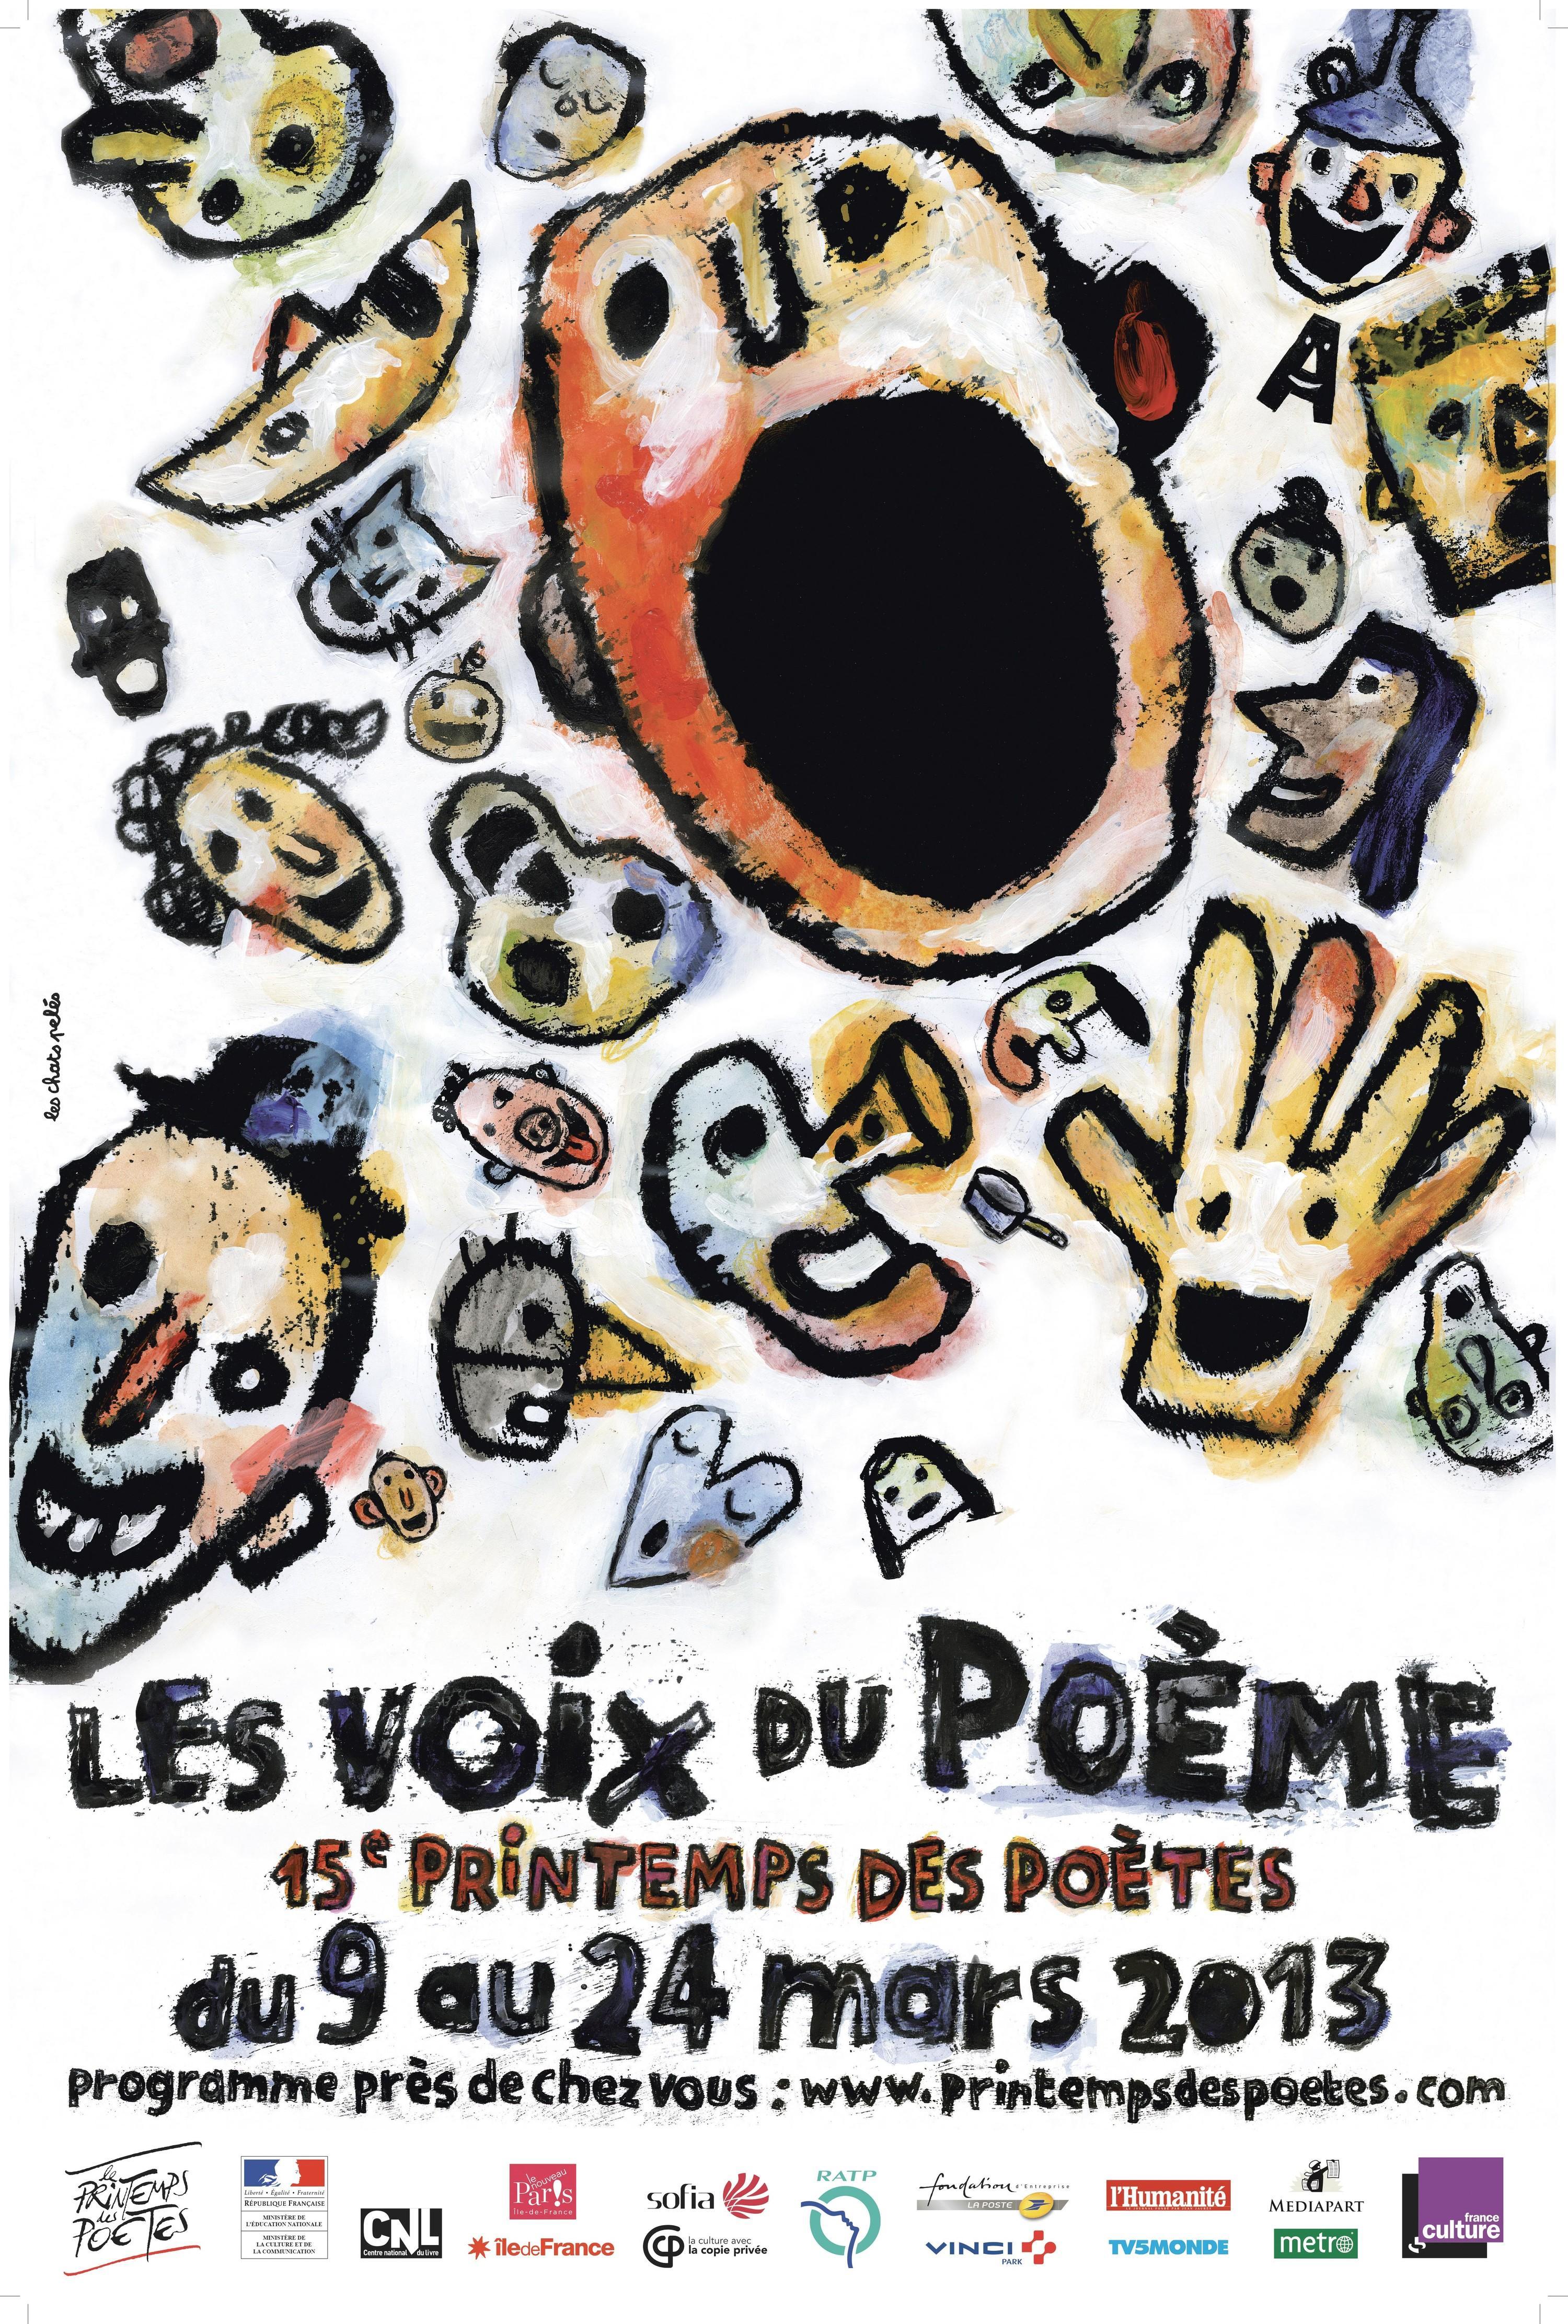 Affiche du Printemps des Poètes 2013.